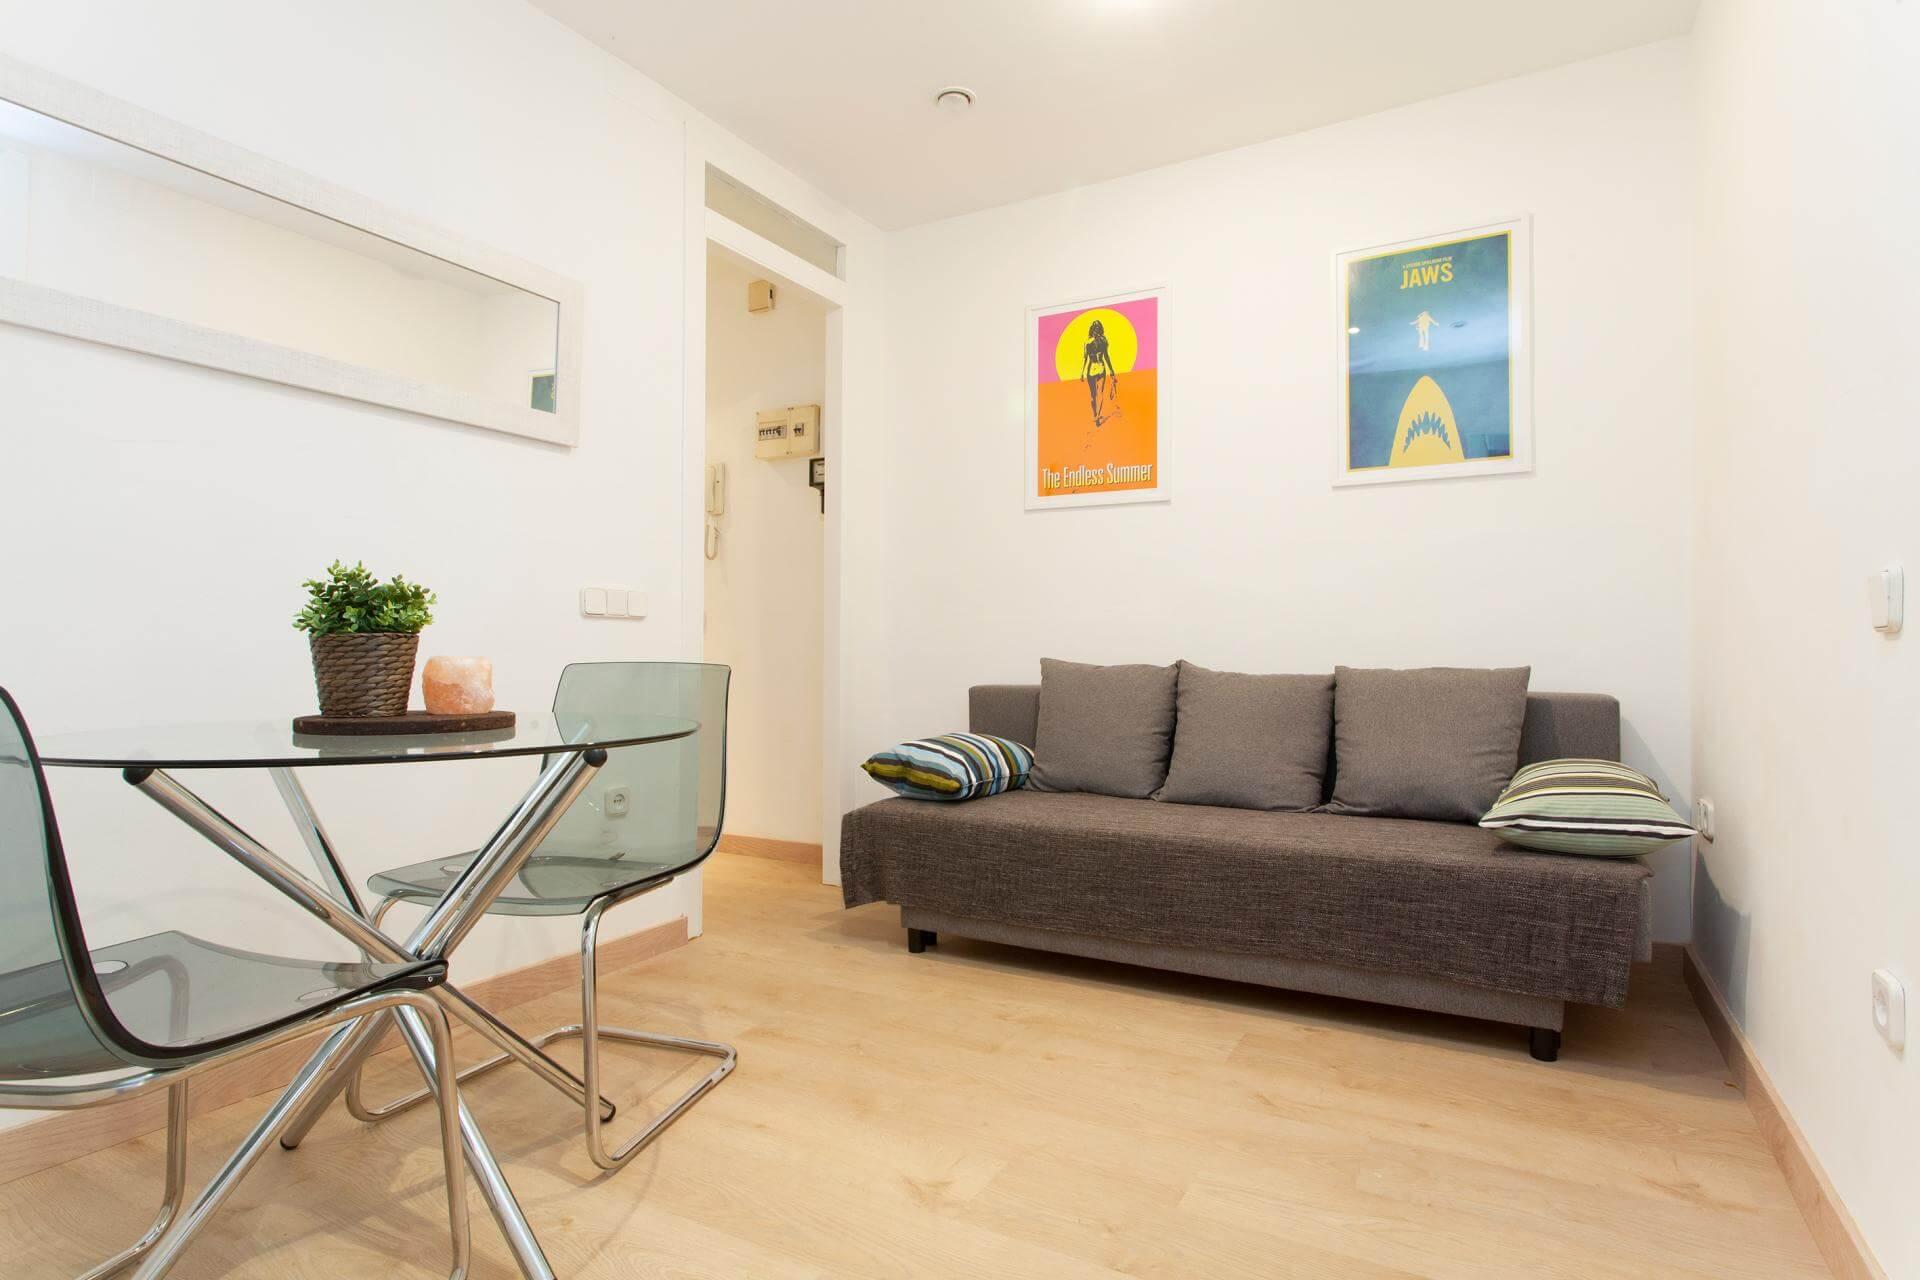 Shbarcelona alquila apartamento en centro ciudad eixample - Apartamentos en alquiler barcelona ...